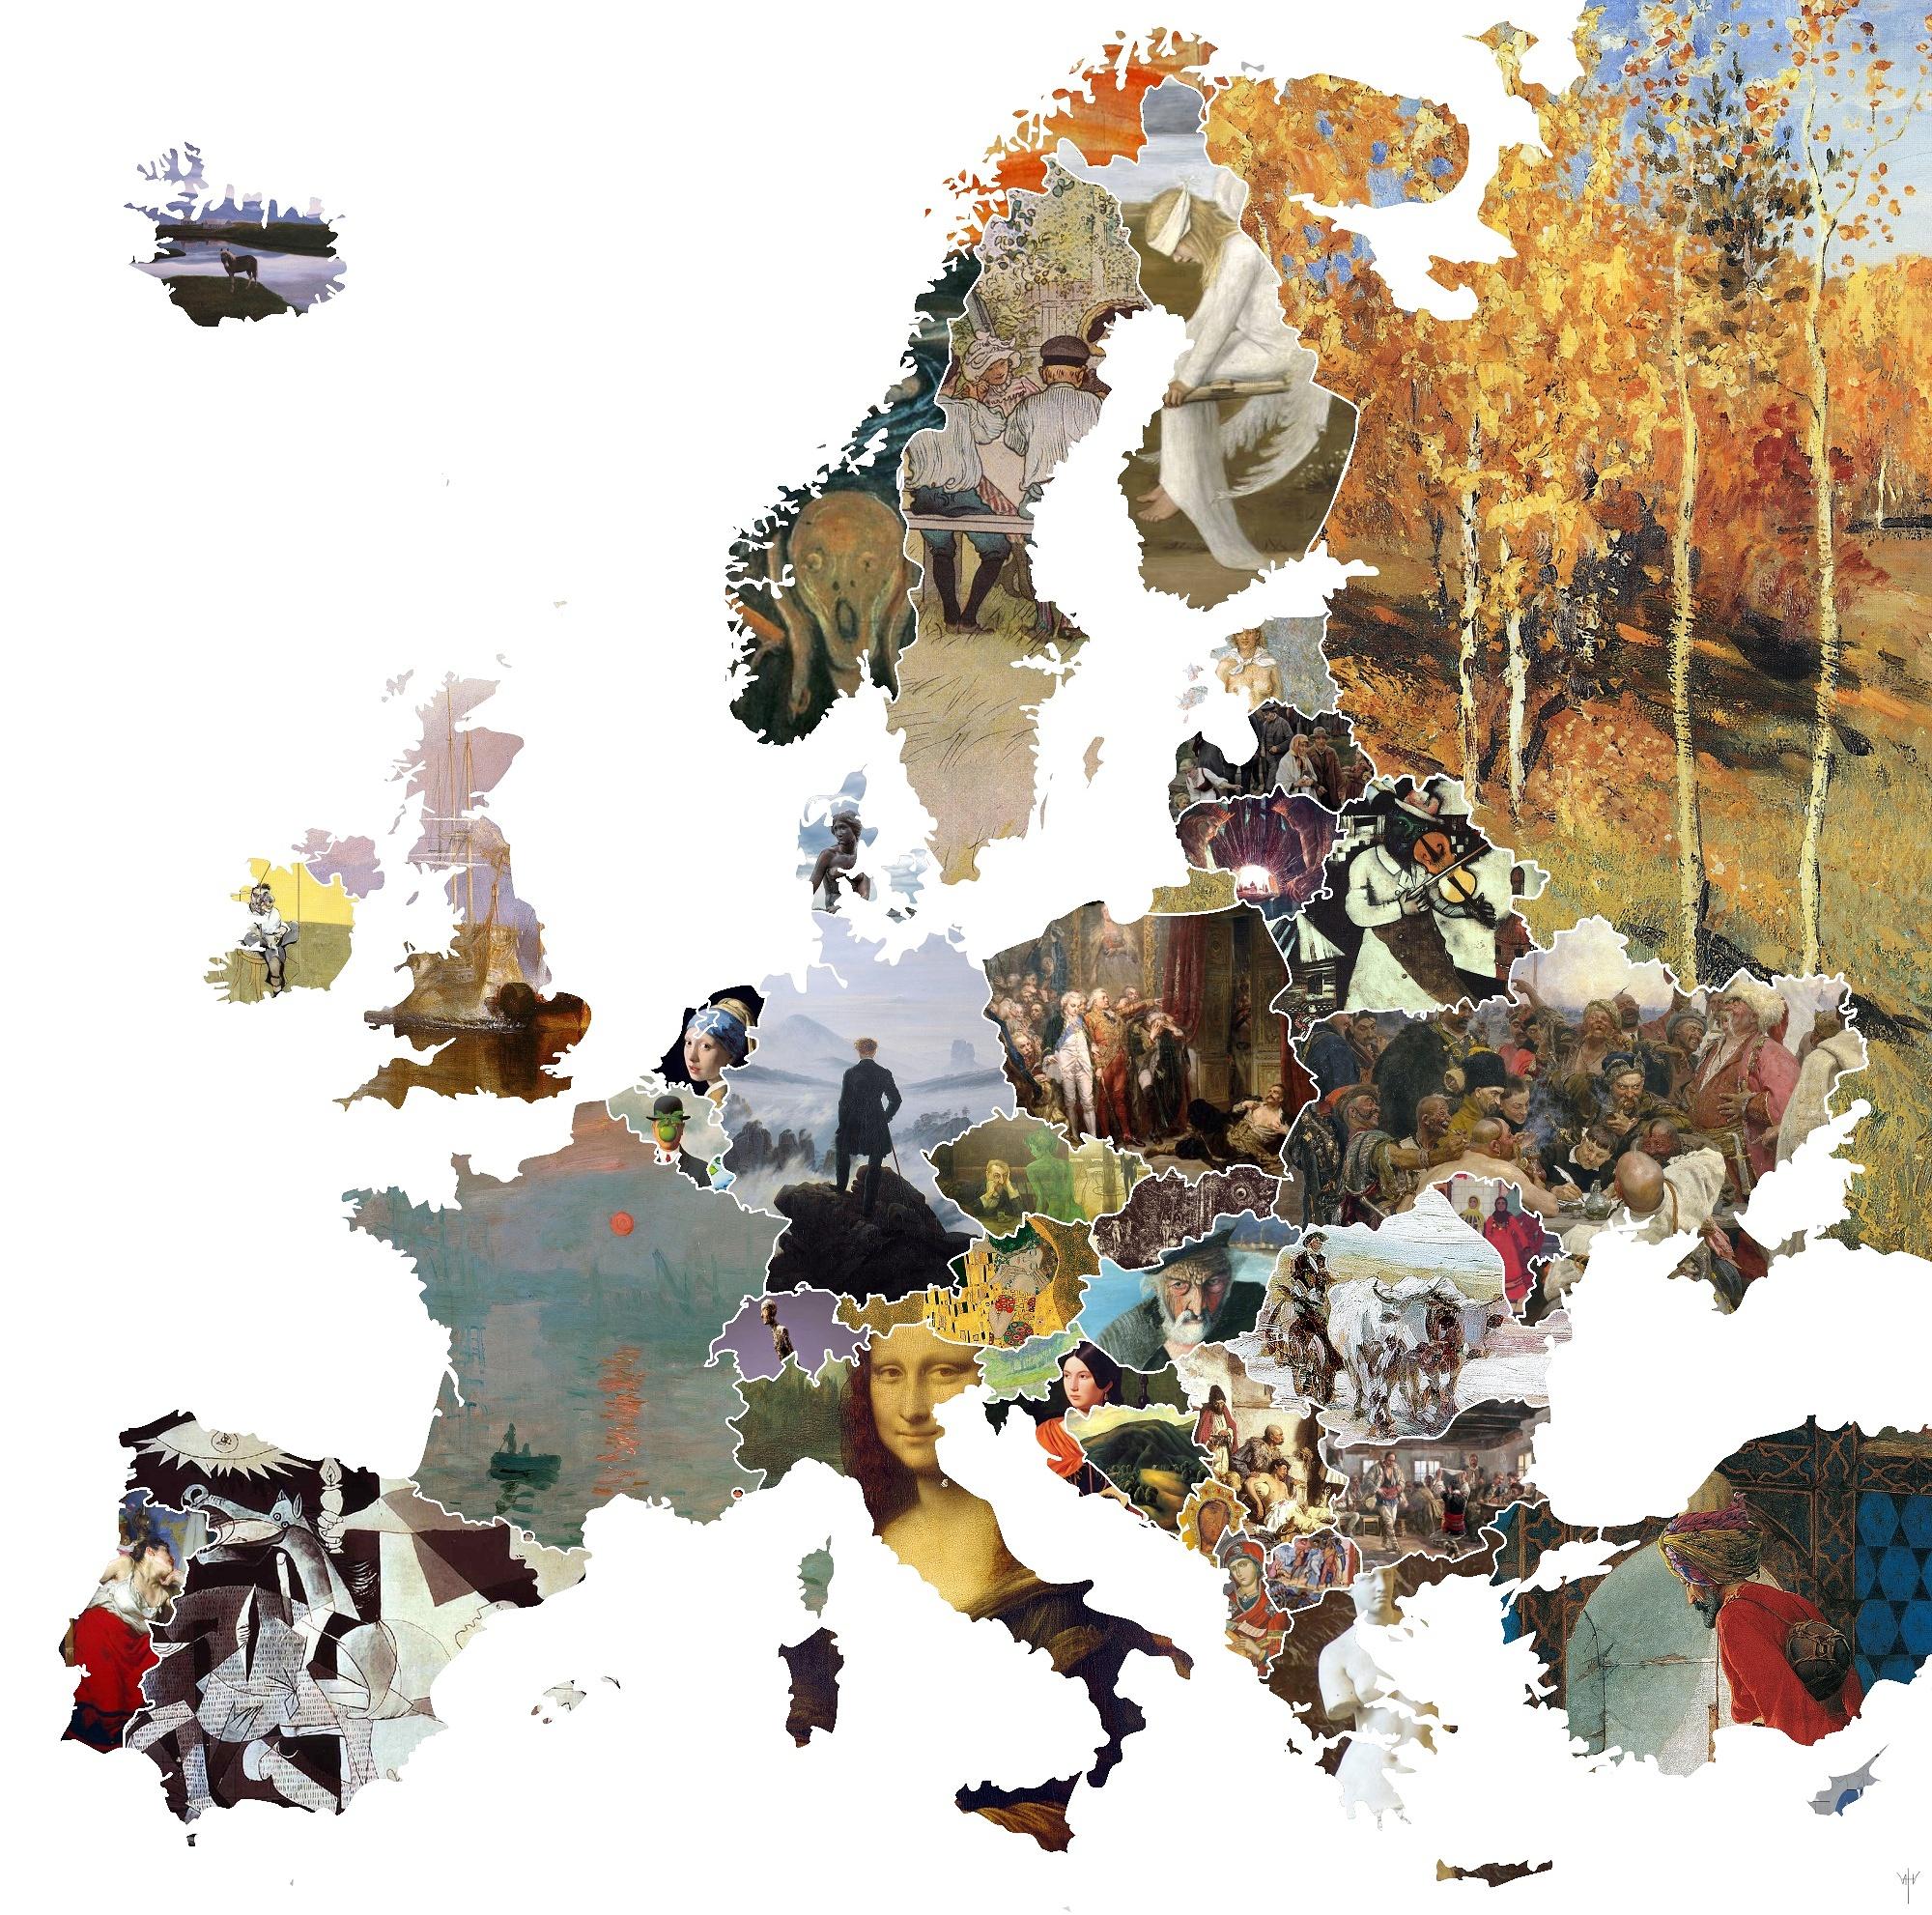 Карта Европы из наиболее знаковых картин каждой нации